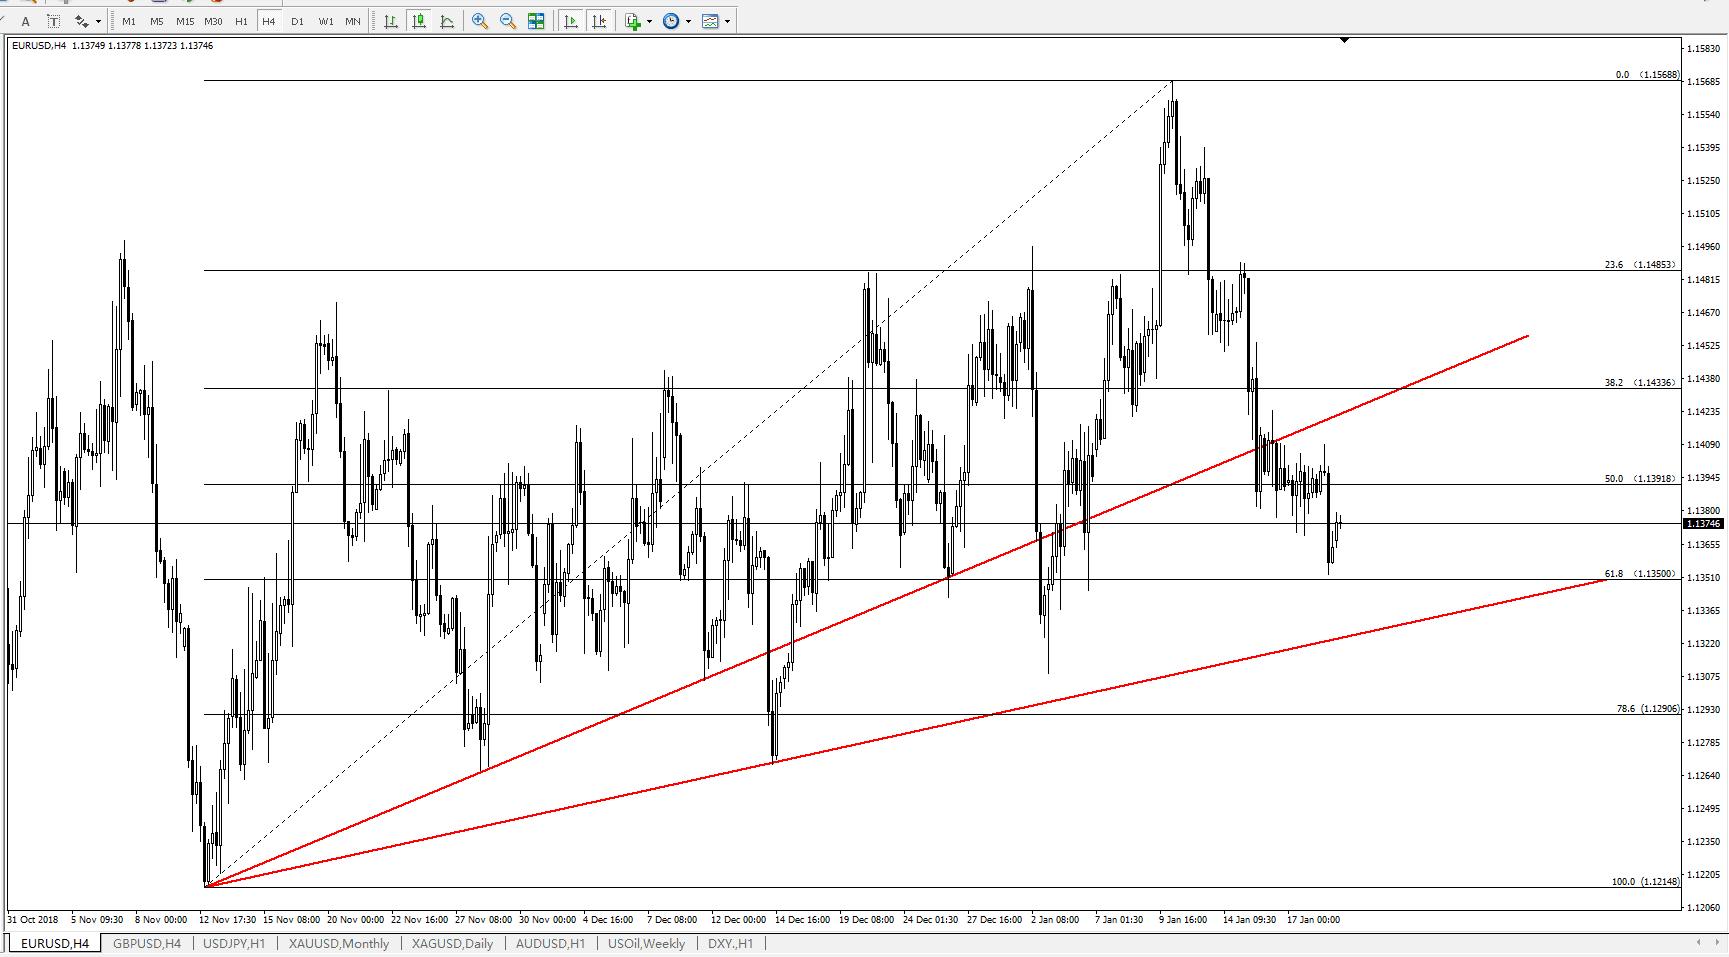 李妍-1.21-本周欧银决定来袭 德拉基恐再打压欧元